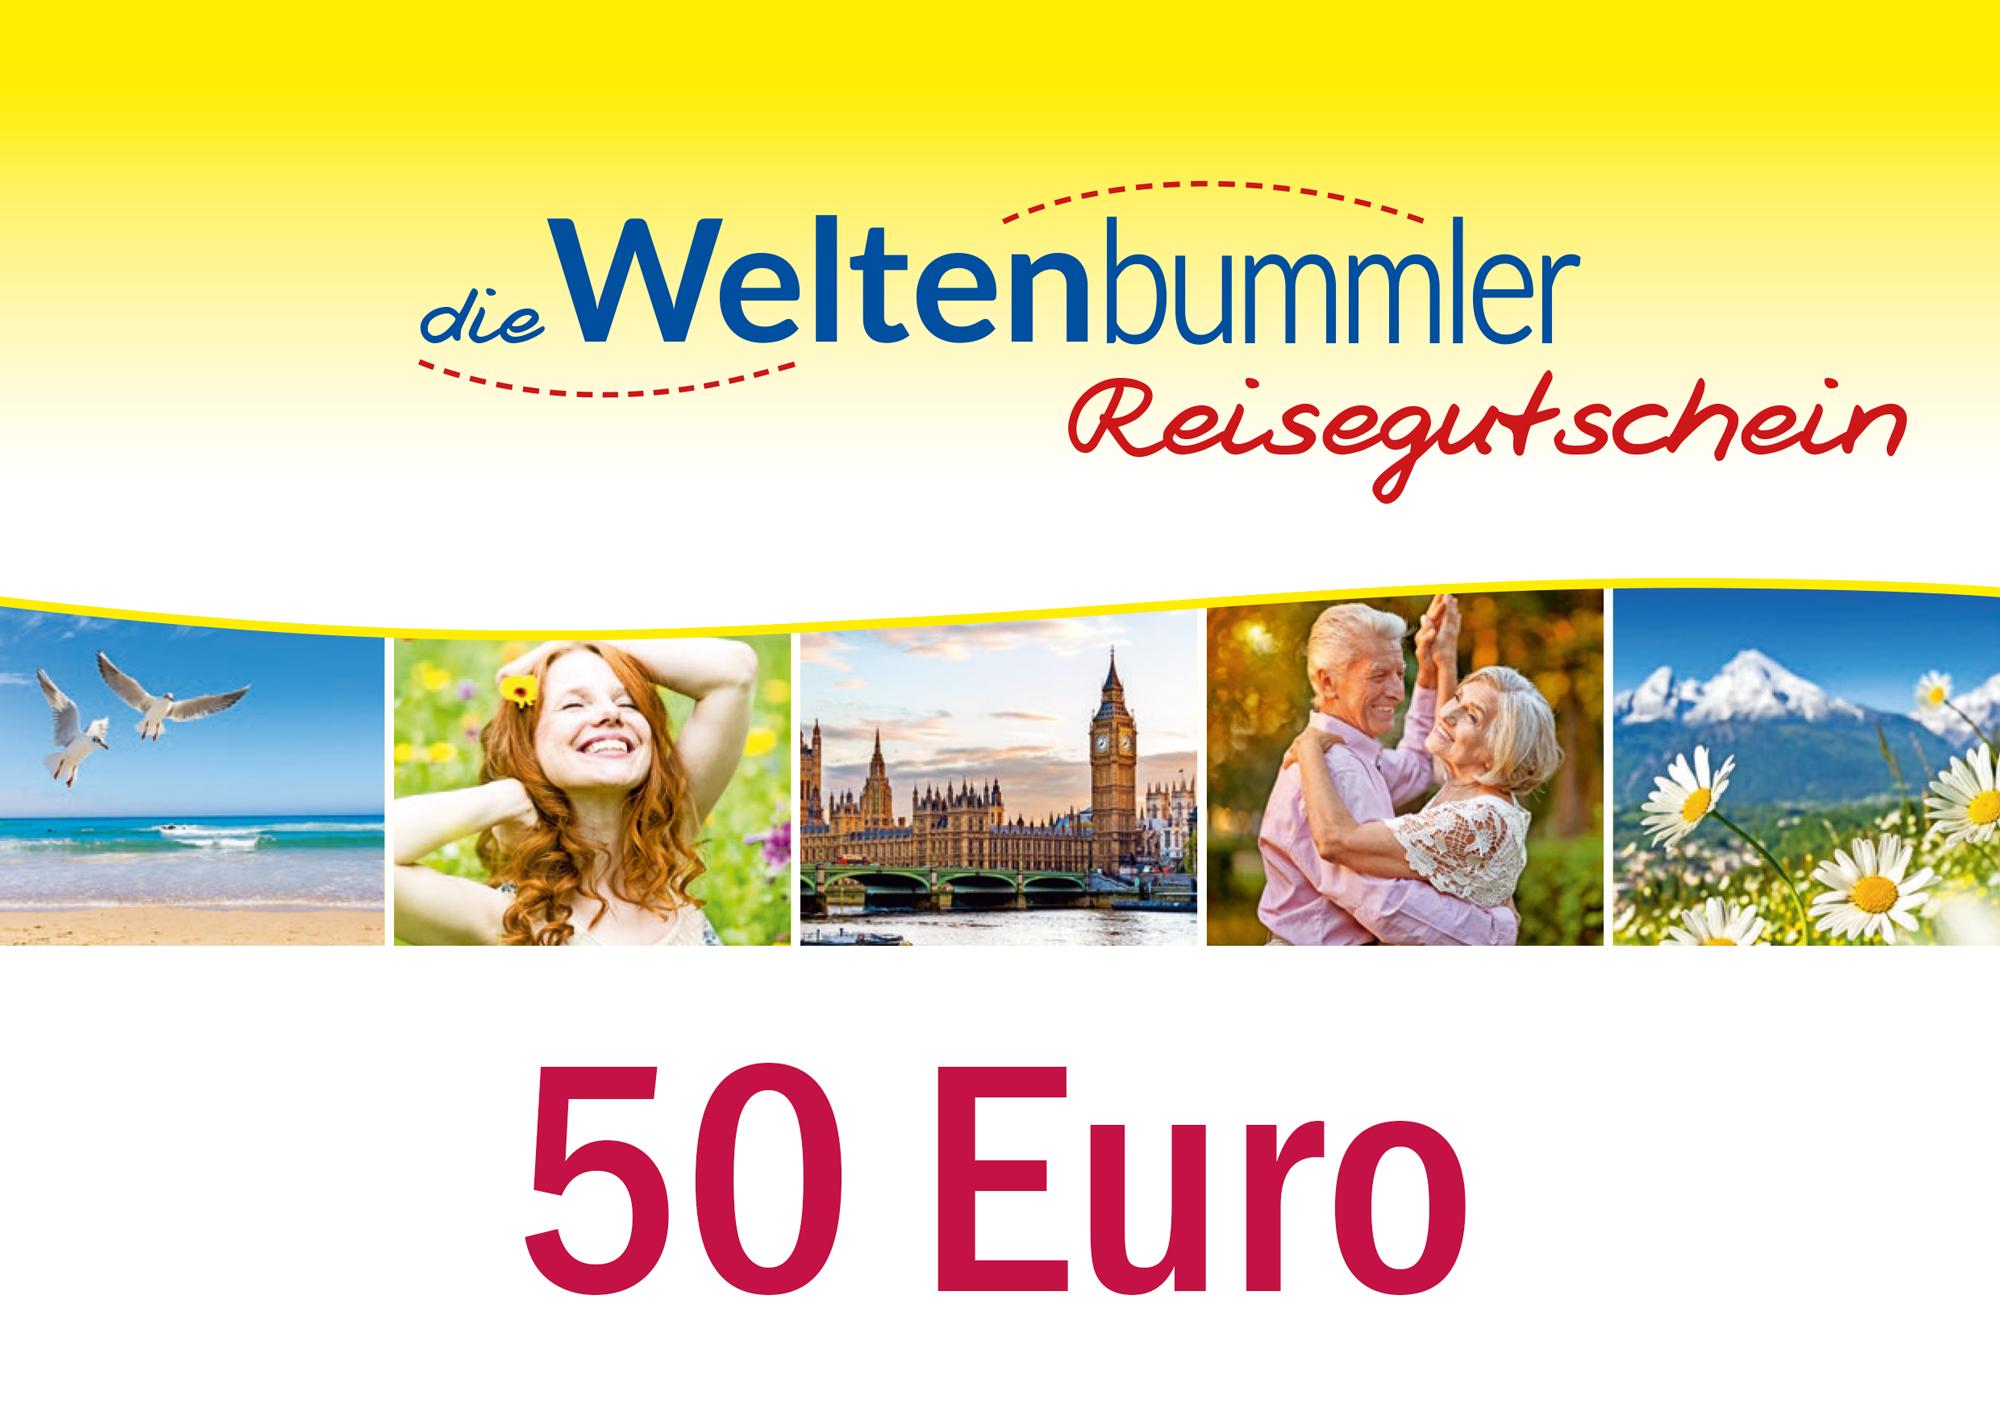 Reisegutschein-50-Euro